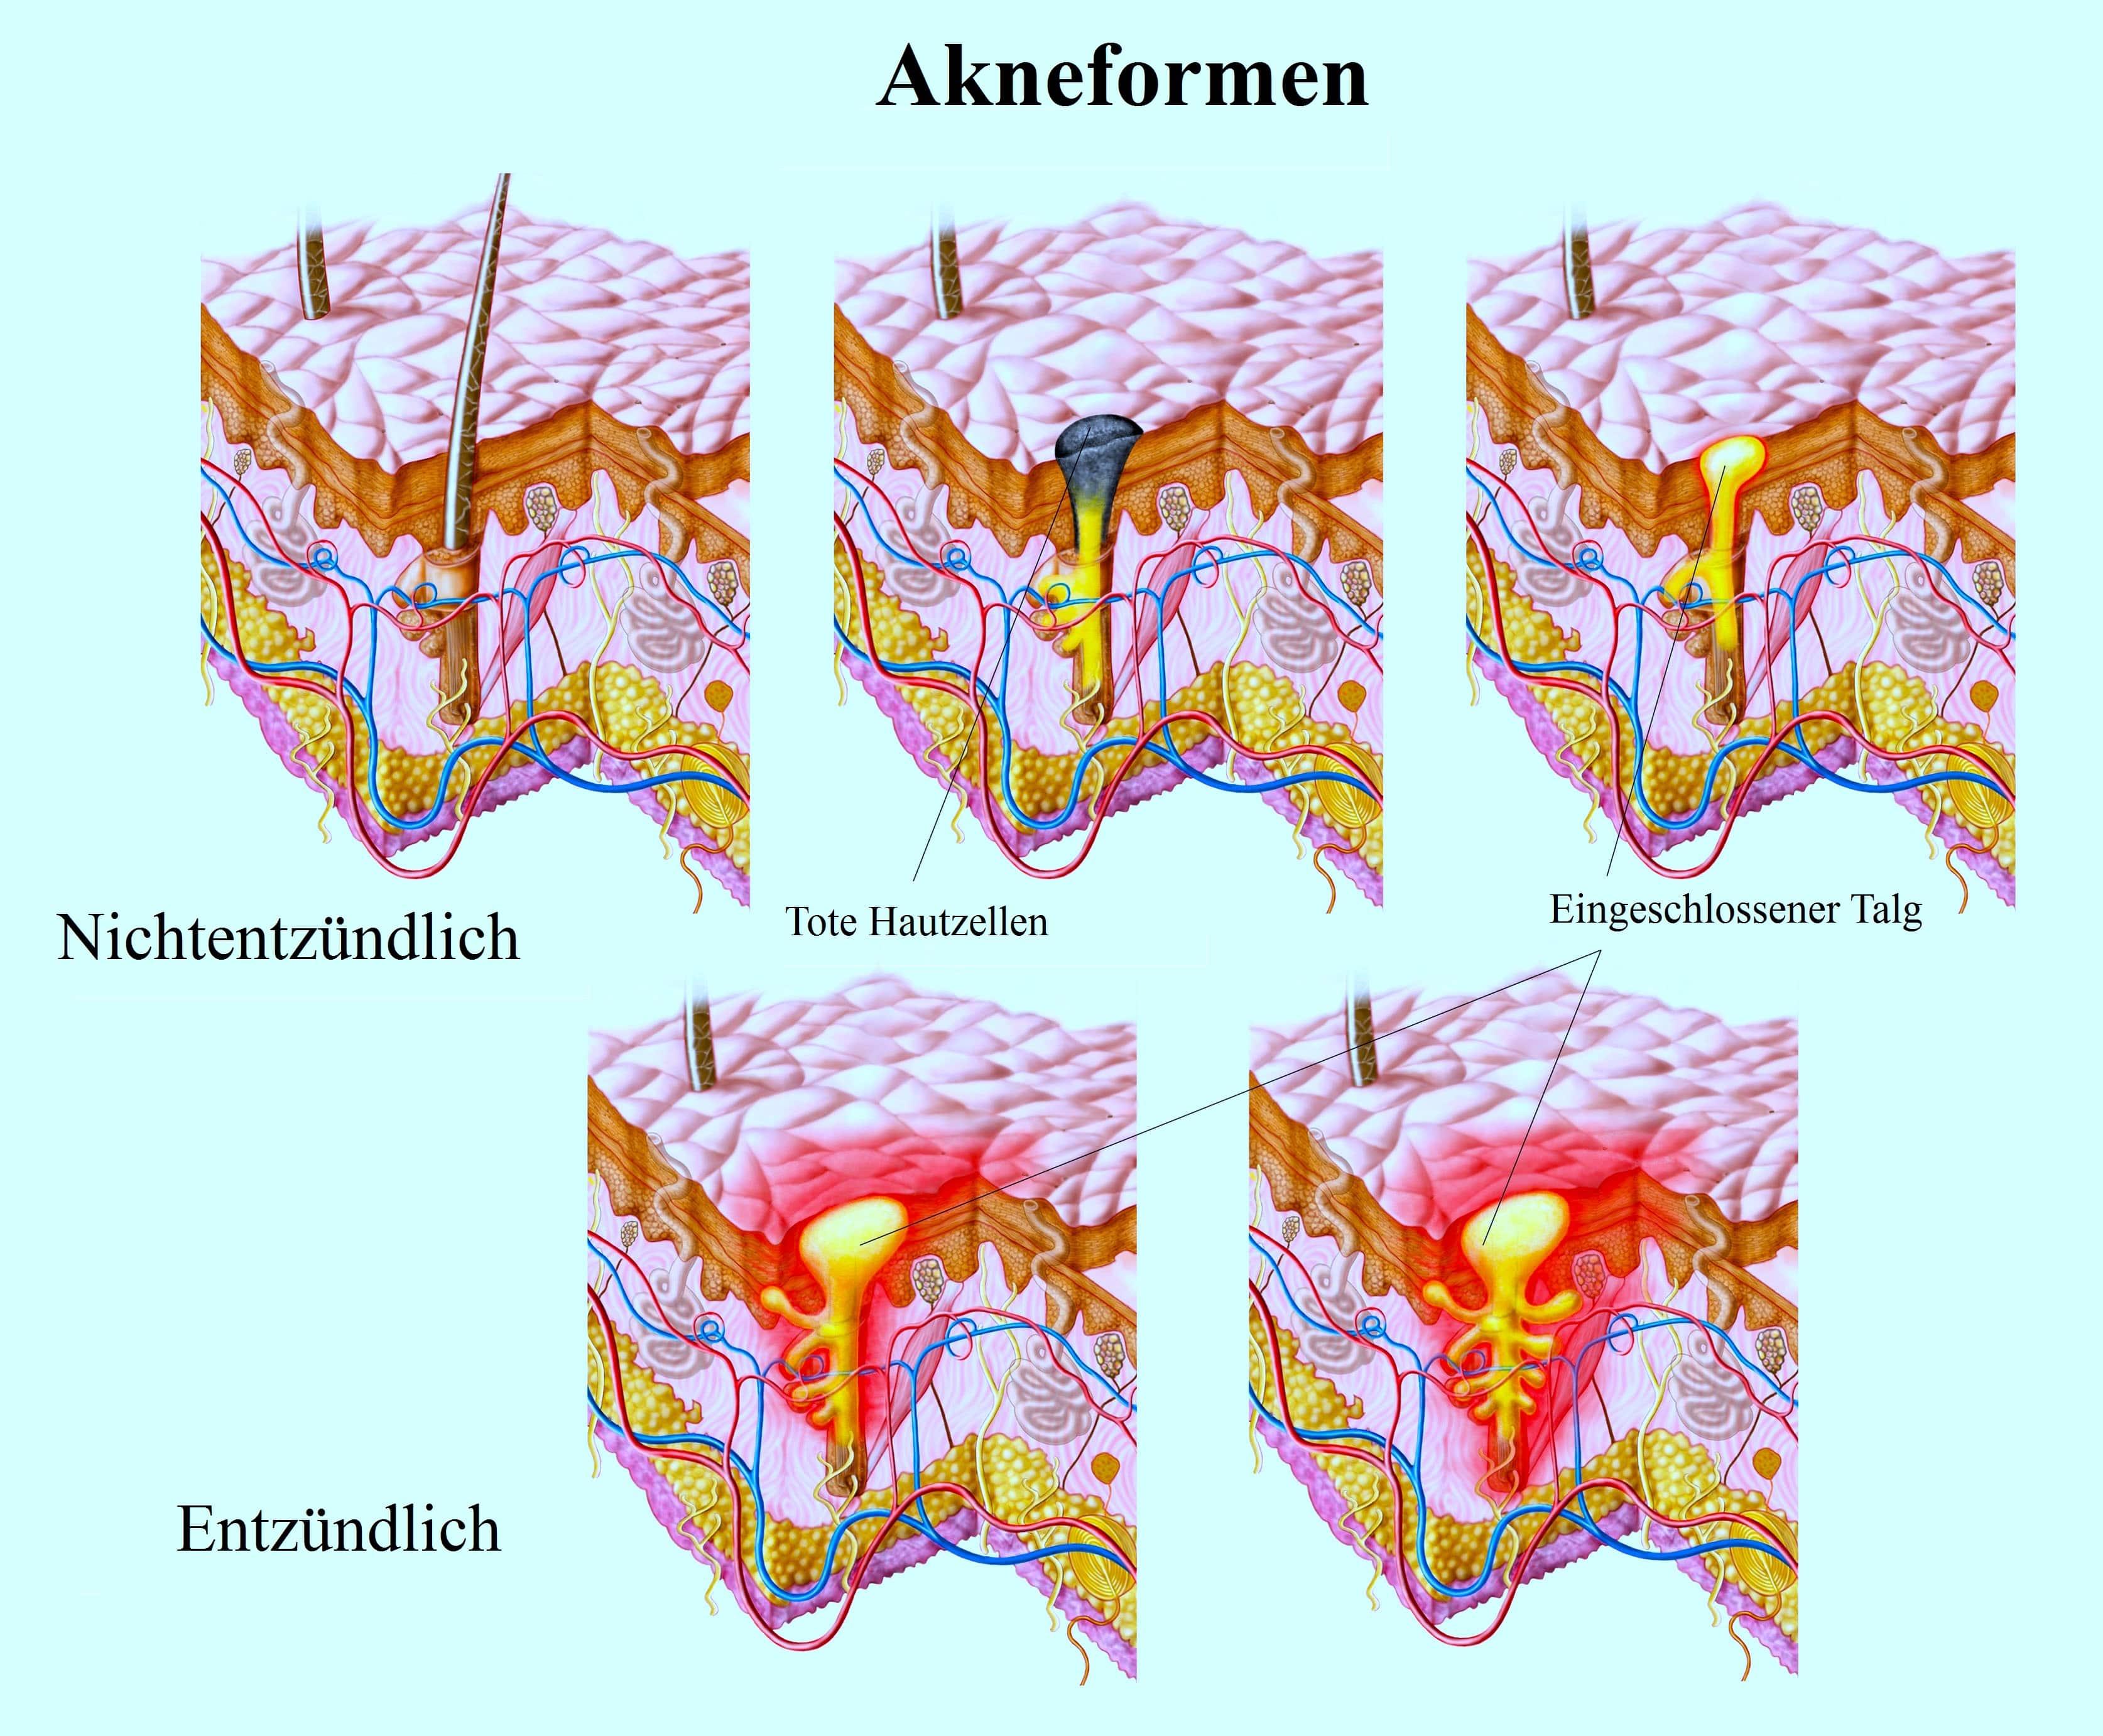 Akneformen, Entzündlich Hautzellen,Talg